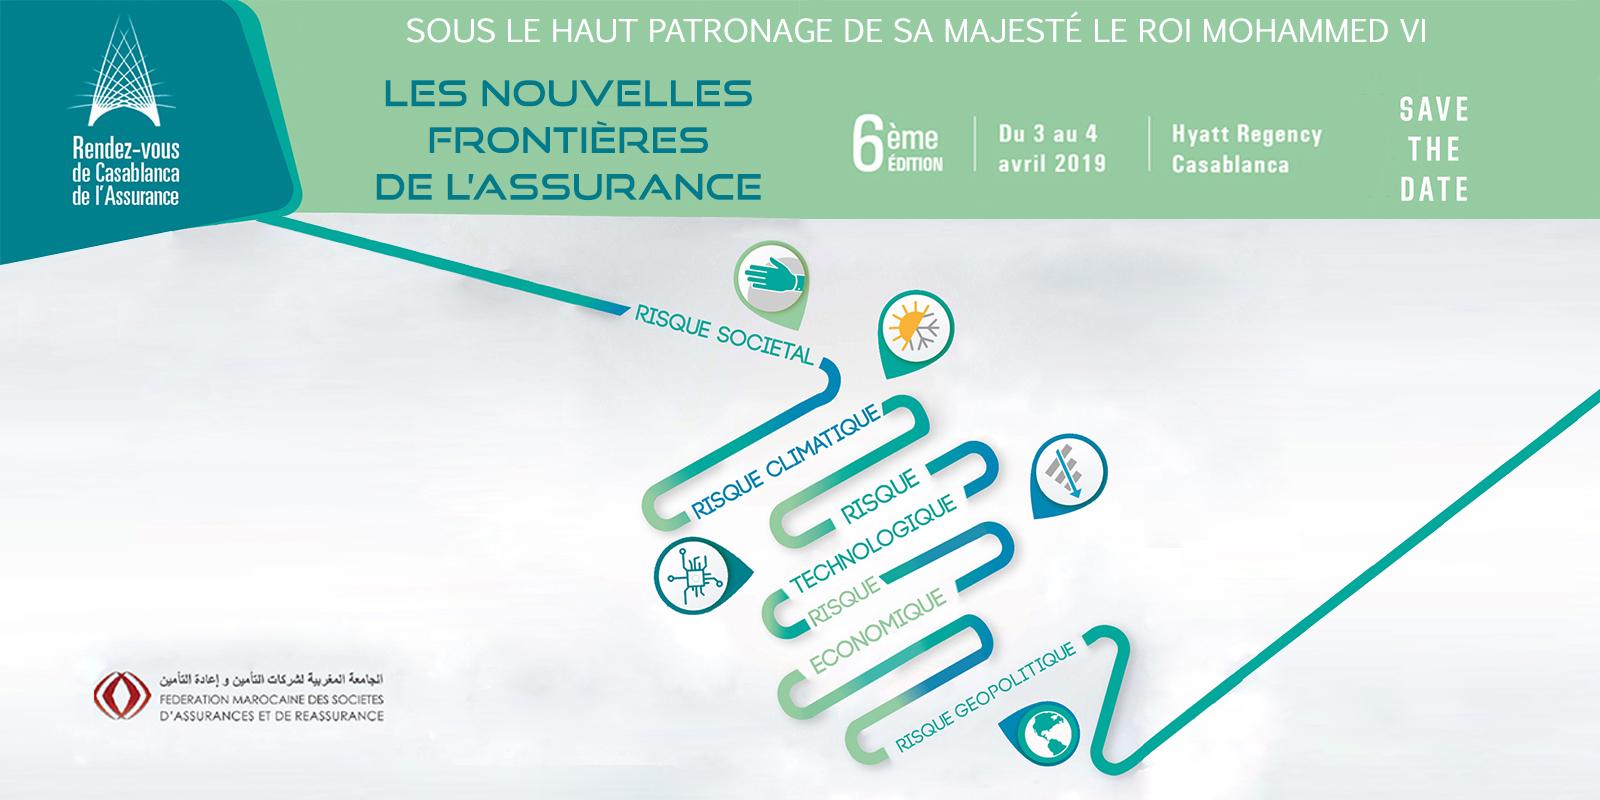 2bf4de8ca31c2c Fmsar – Fédération Marocaine des Sociétés d Assurances et de Réassurance